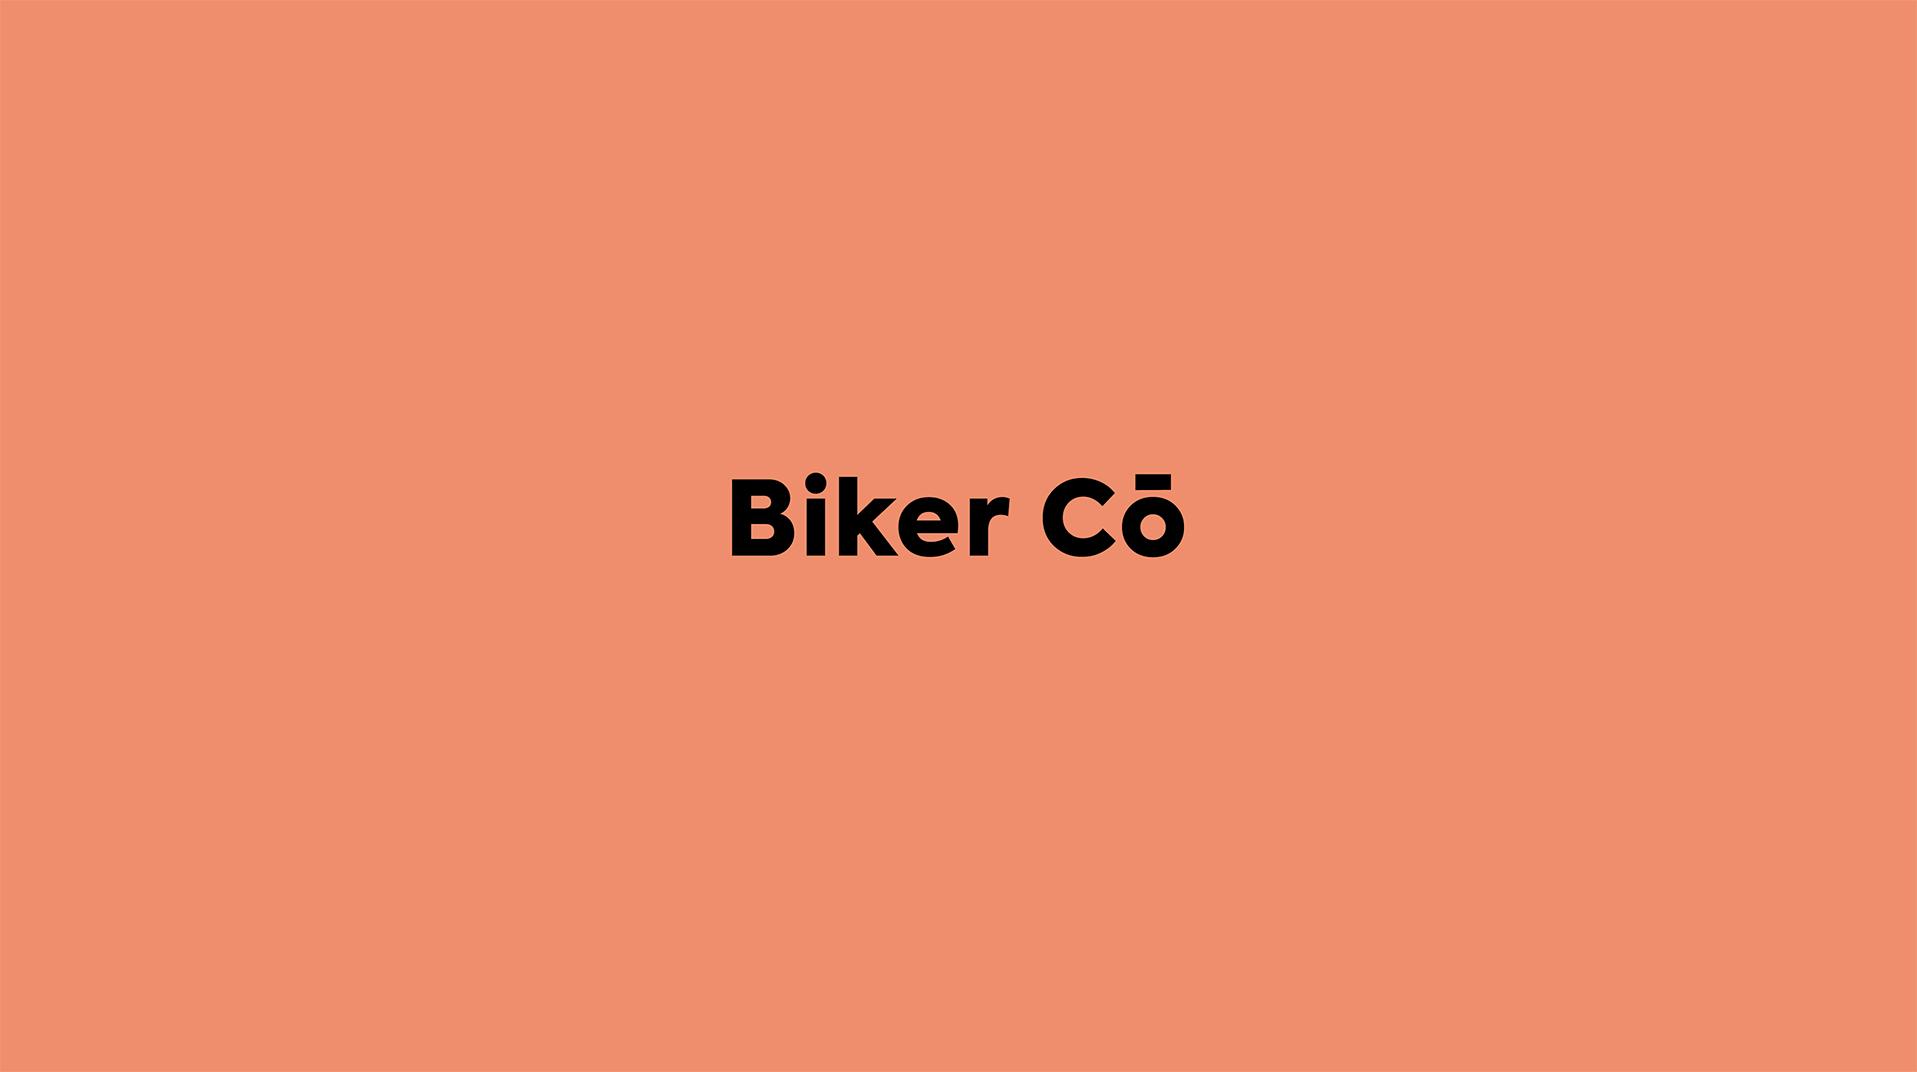 BikerCo